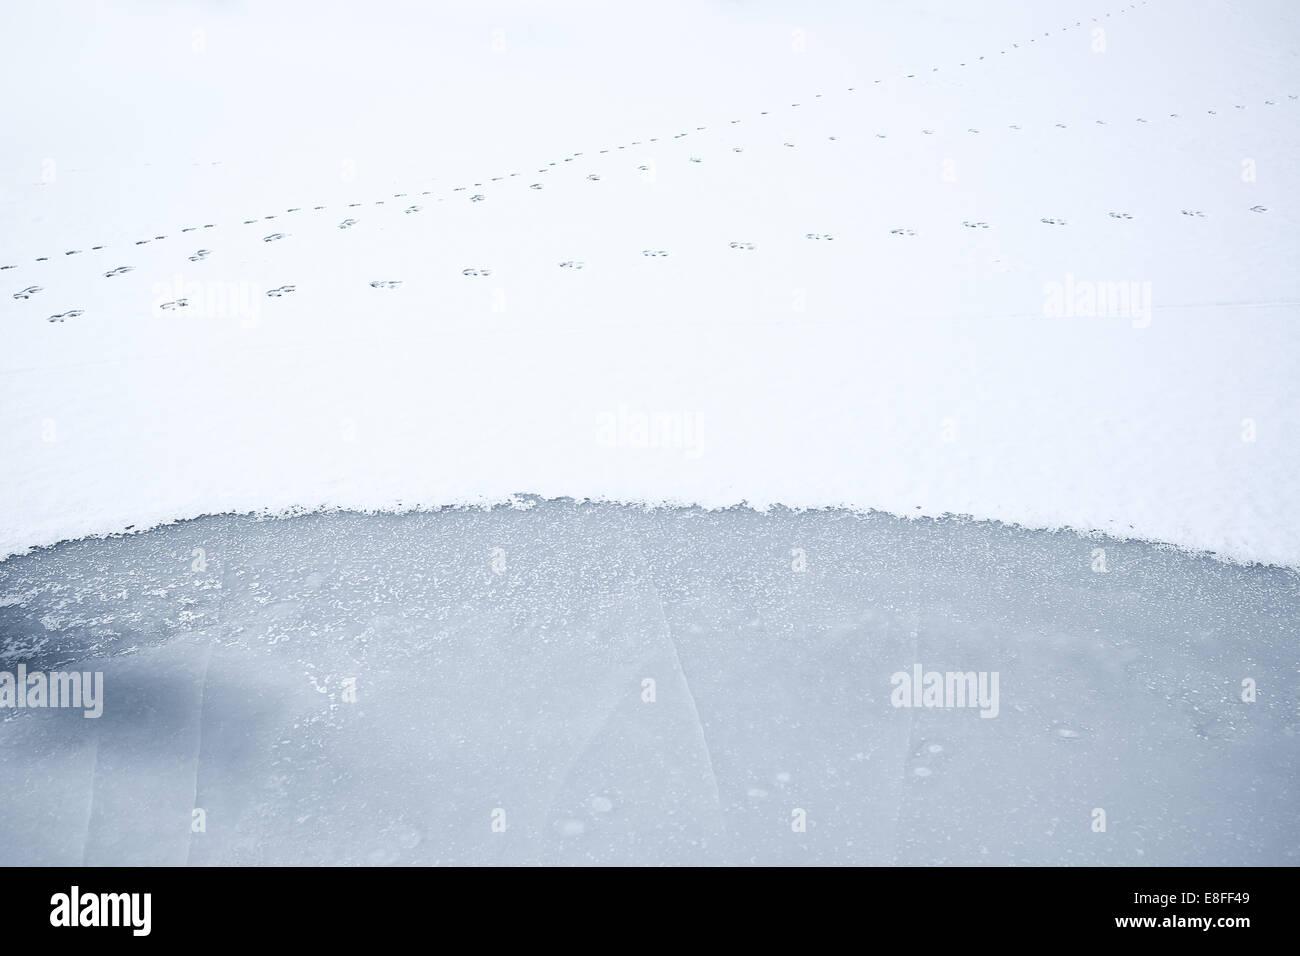 Tierspuren auf gefrorenen Schnee bedeckten See, Colorado, America, USA Stockbild